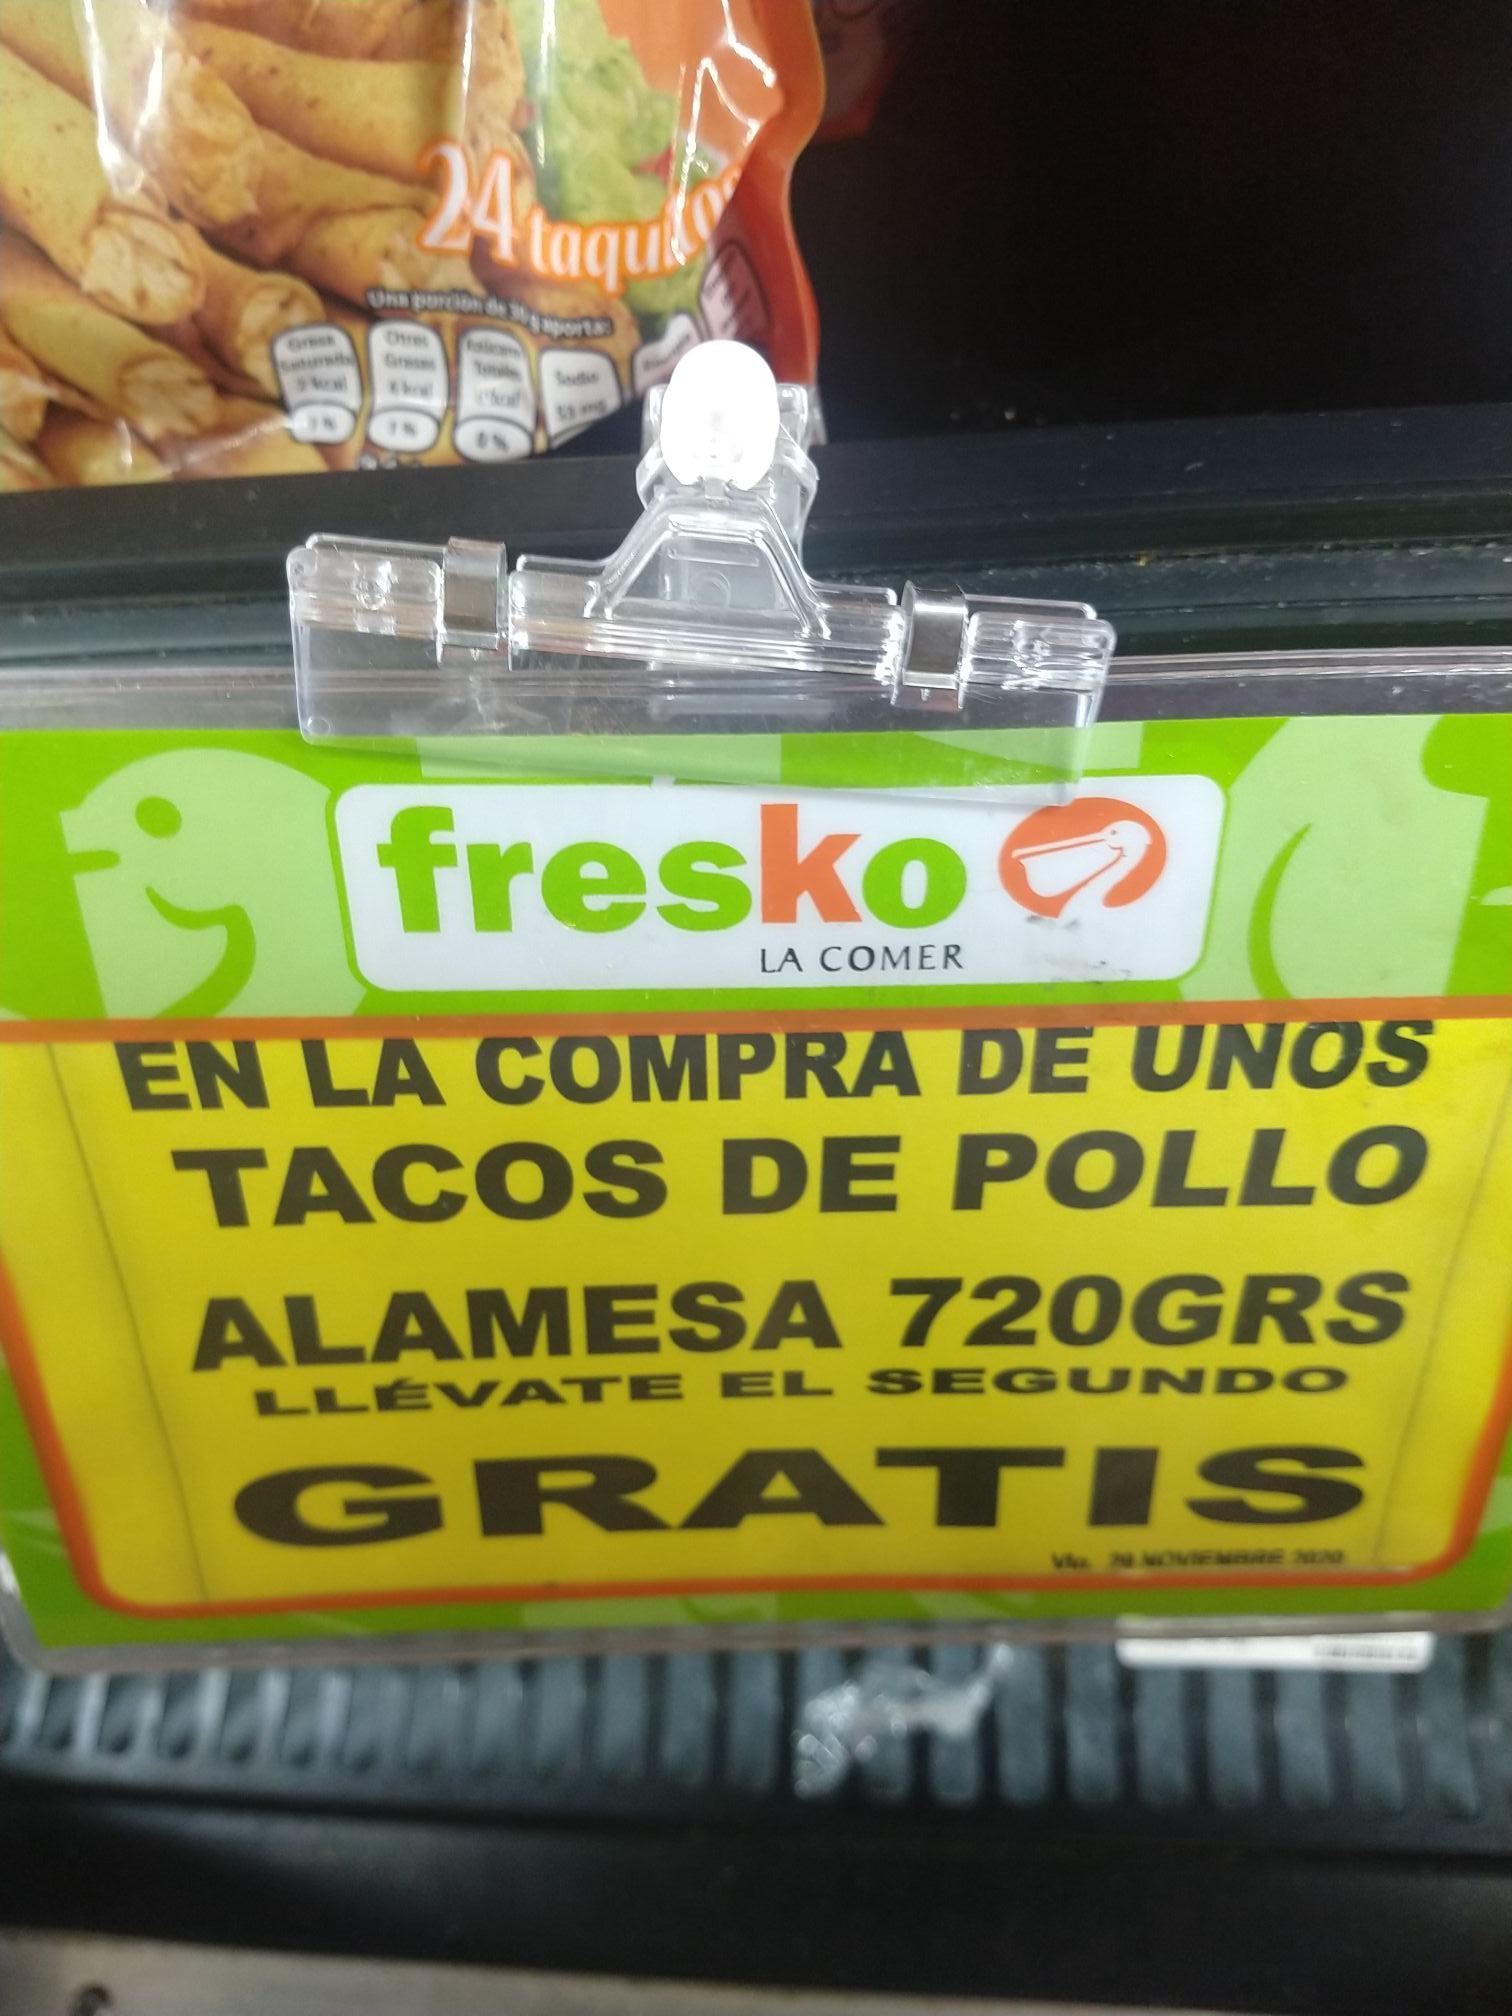 Fresko: varios artículos de comida congelada al 2x1